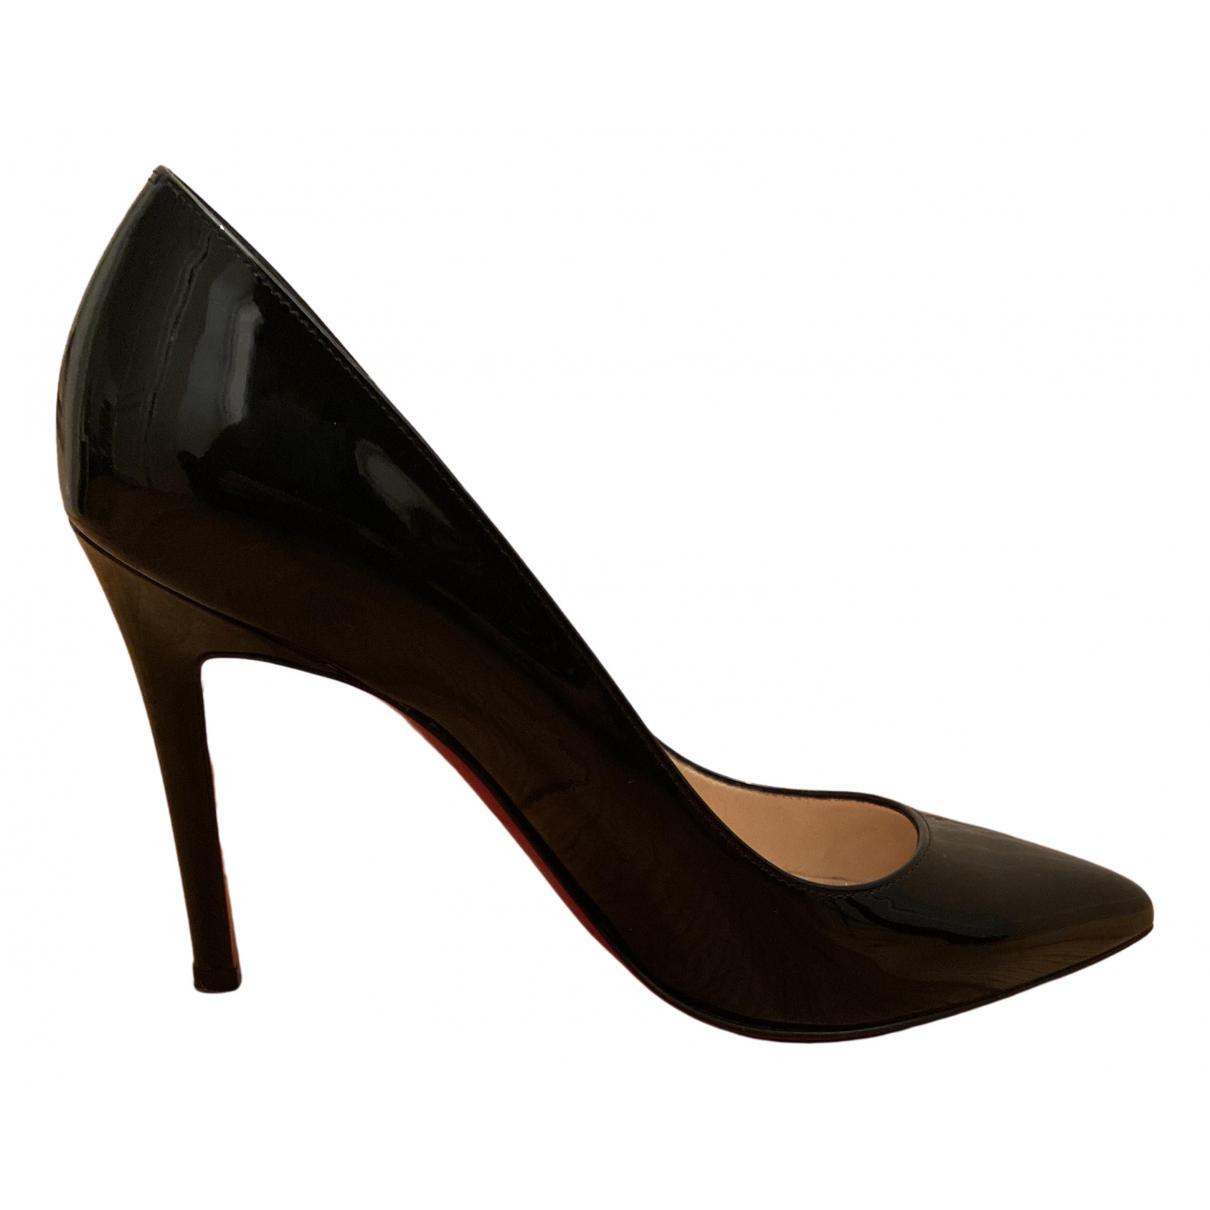 Christian Louboutin - Escarpins Pigalle pour femme en cuir verni - noir